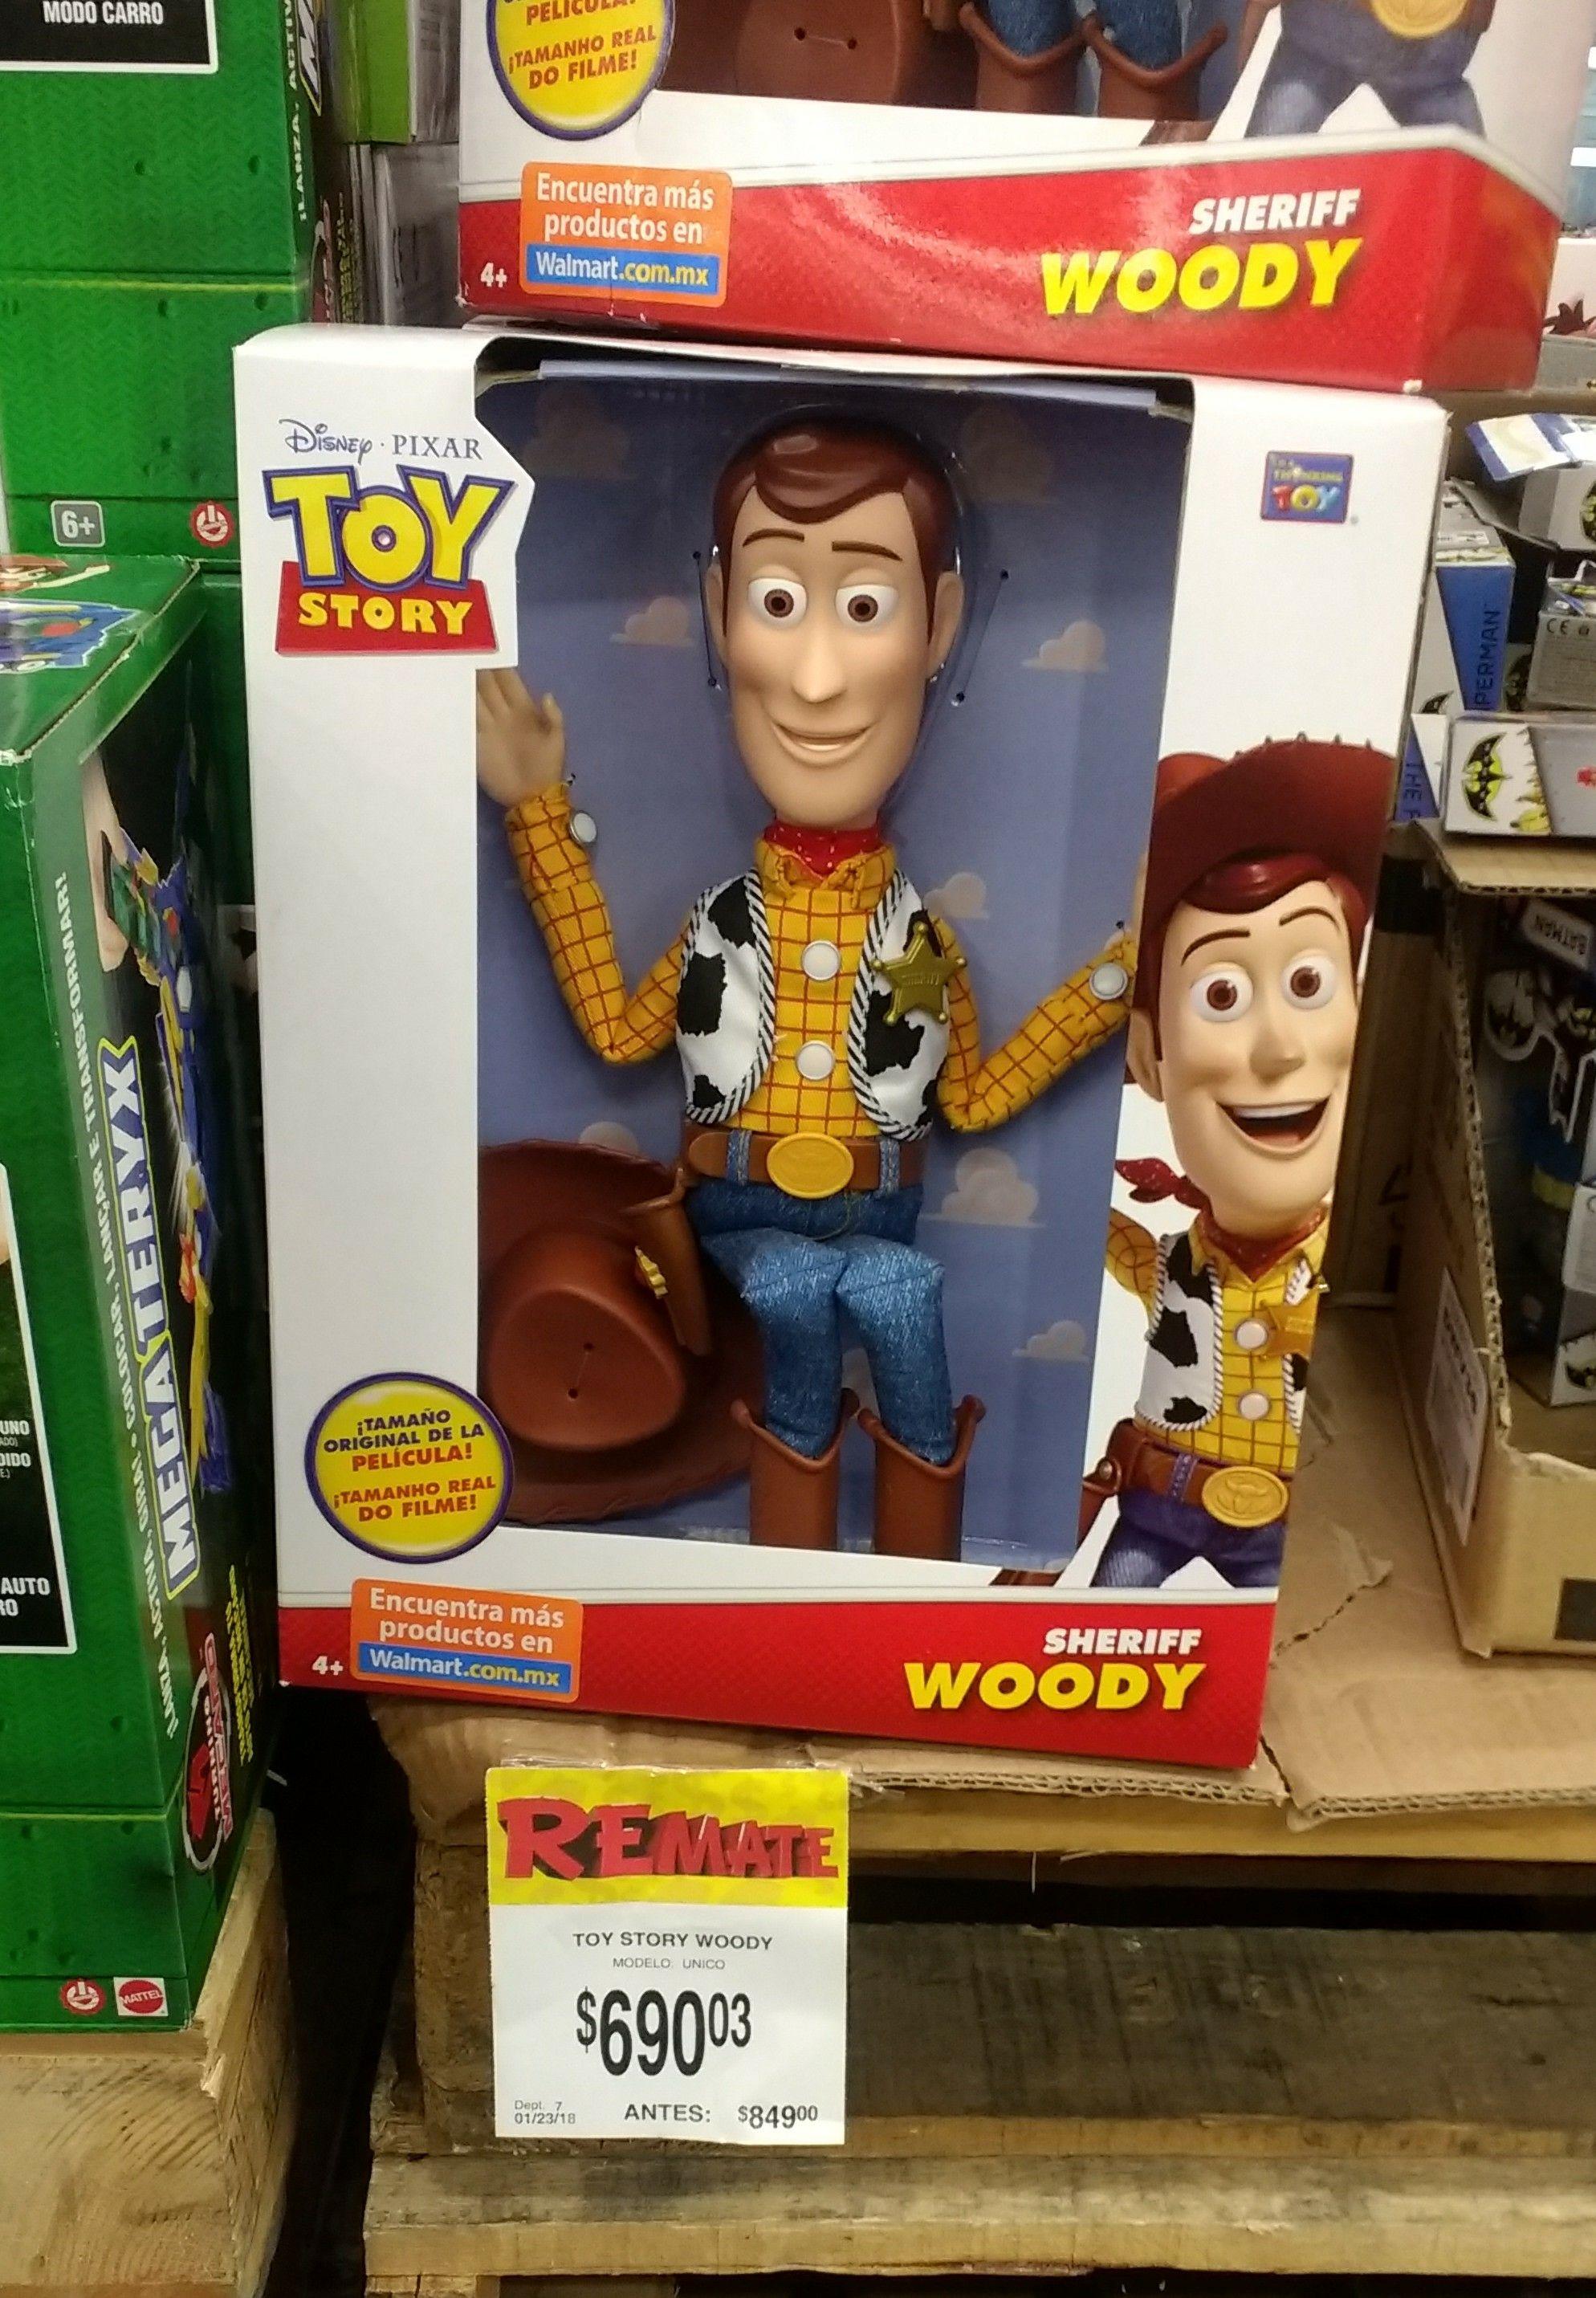 Bodega Aurrerá: Woody en rematé